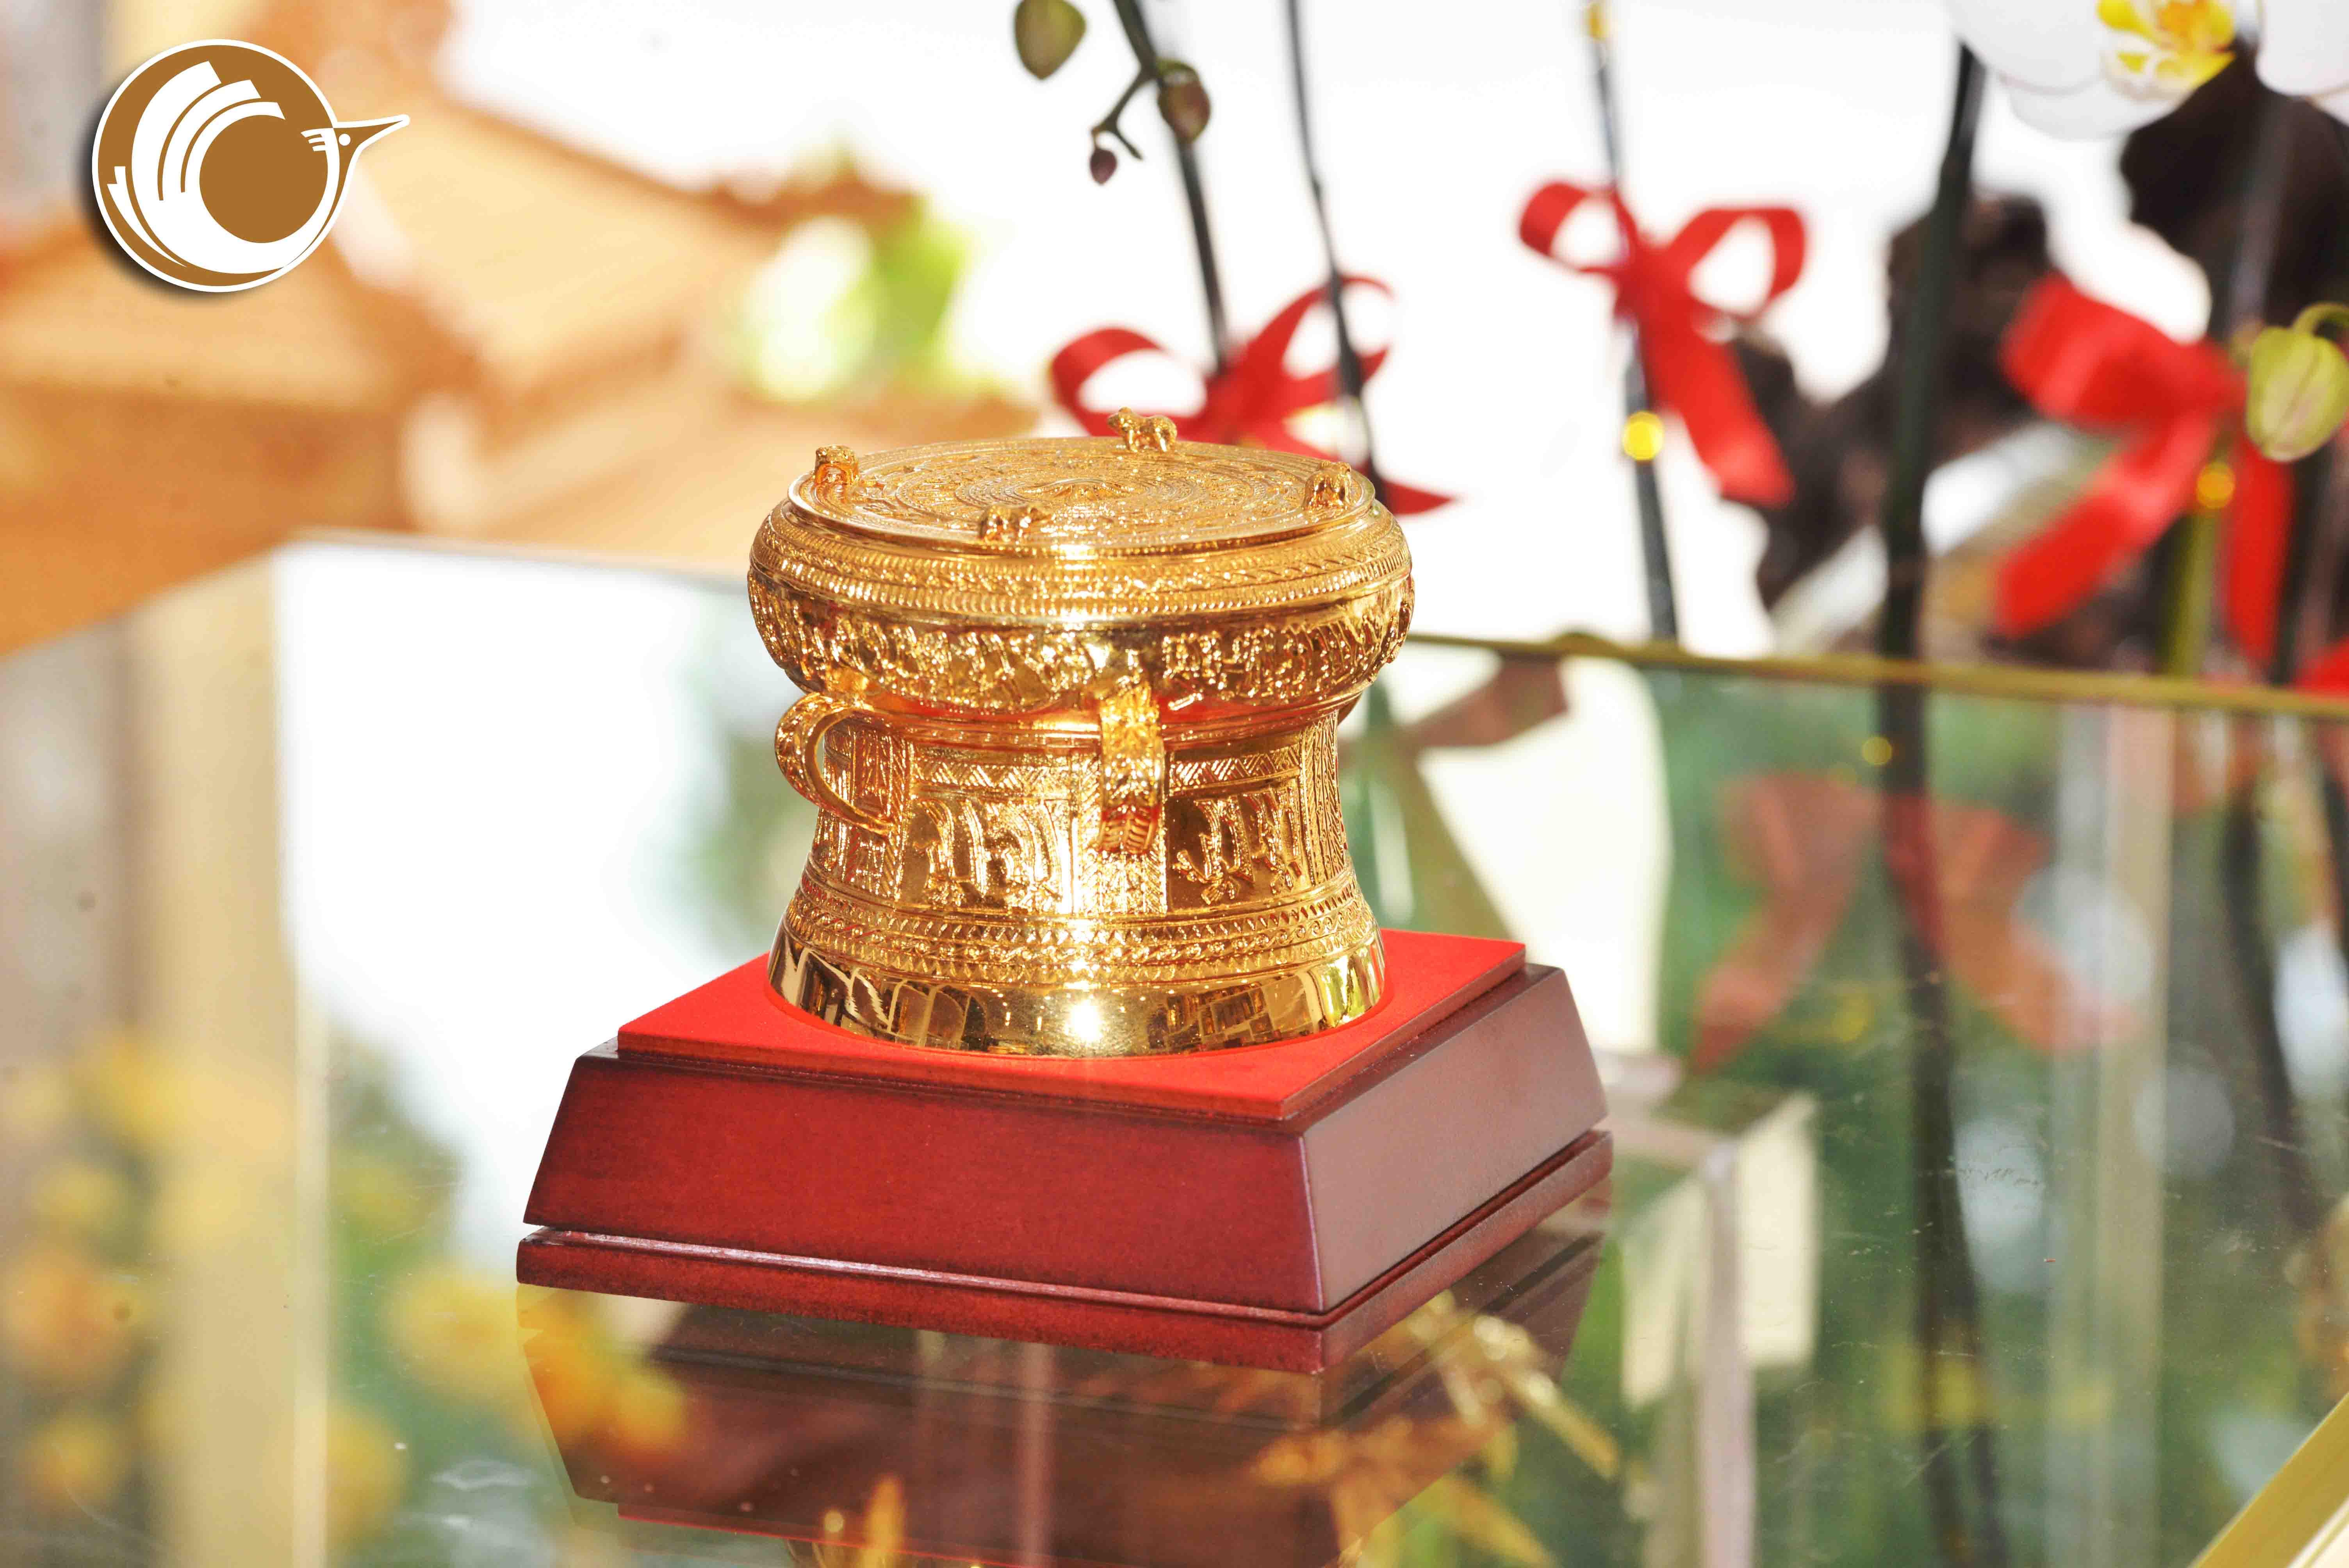 Giá bán trống đồng quà tặng mạ vàng dk 9cm đẹp tinh xảo0